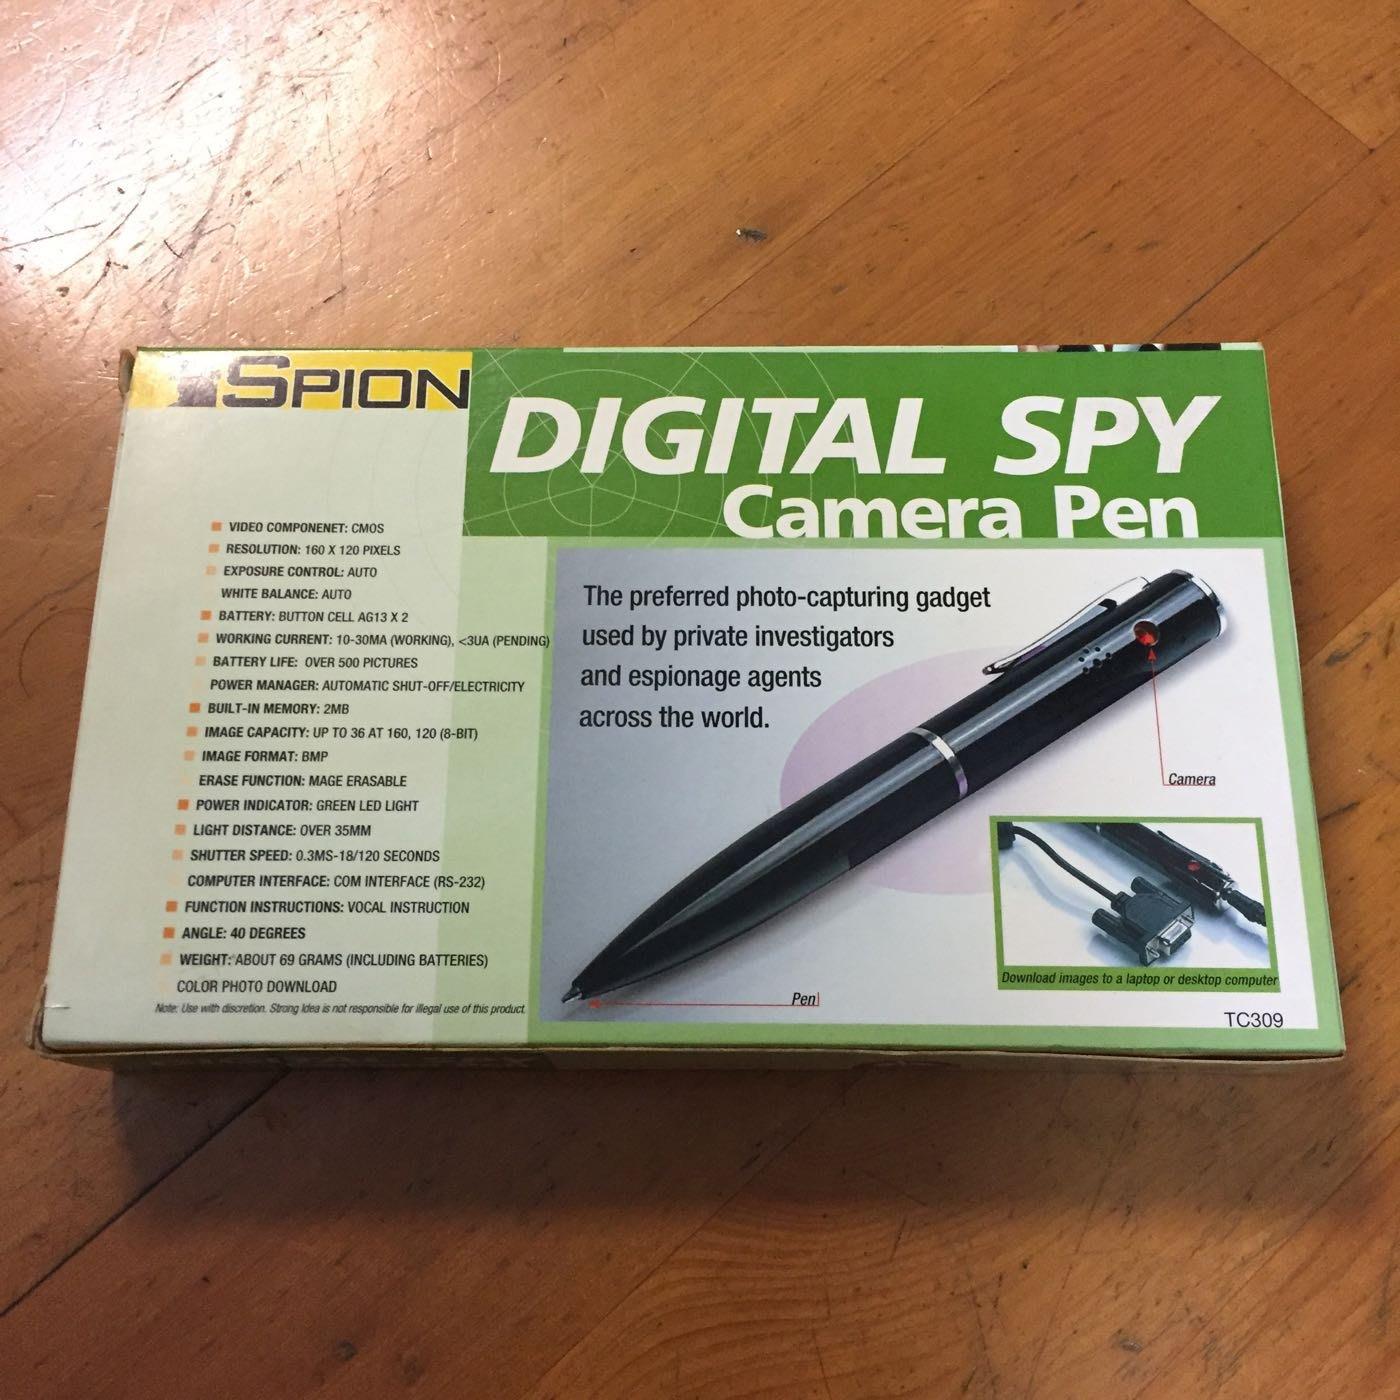 拍賣唯一!全新Spion Digital Spy Camera Pen TC309間諜針孔攝影照相筆!台北台中可面交!